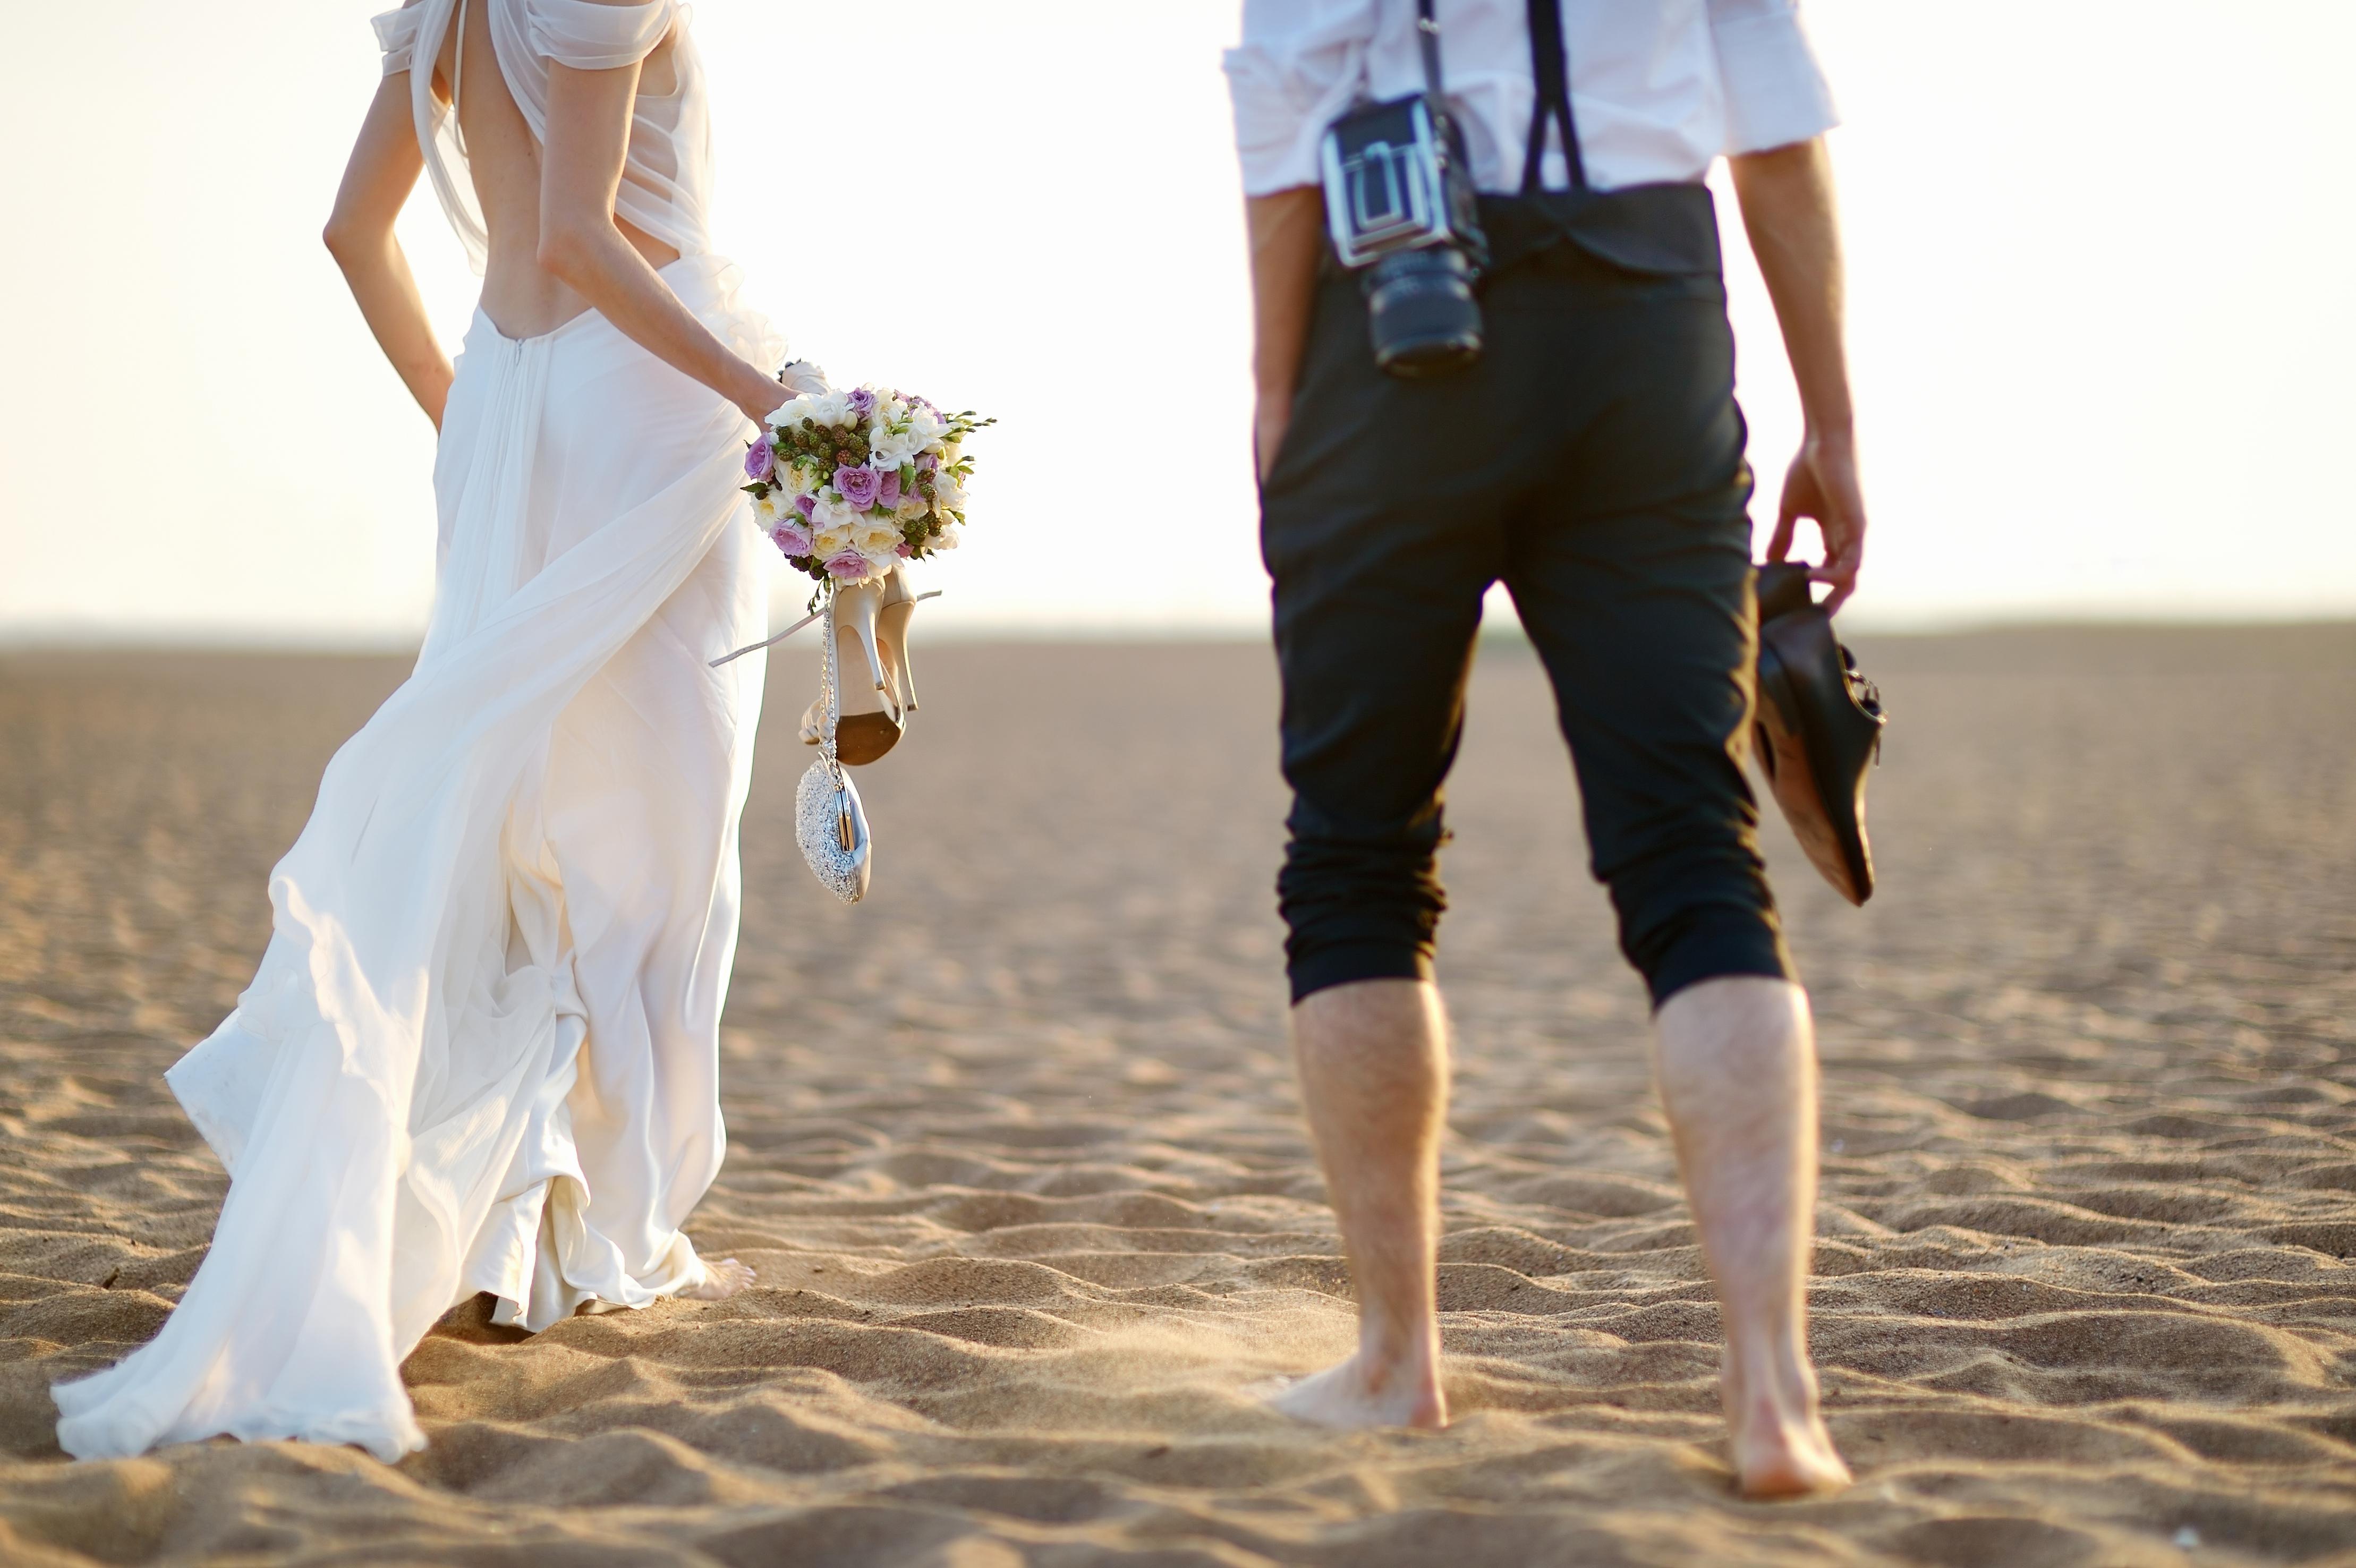 133980b67bf6 ... 5 tips på hur du lyckas med alla detaljer till ditt bröllop! Låt  bröllopet bli en dag att minnas.